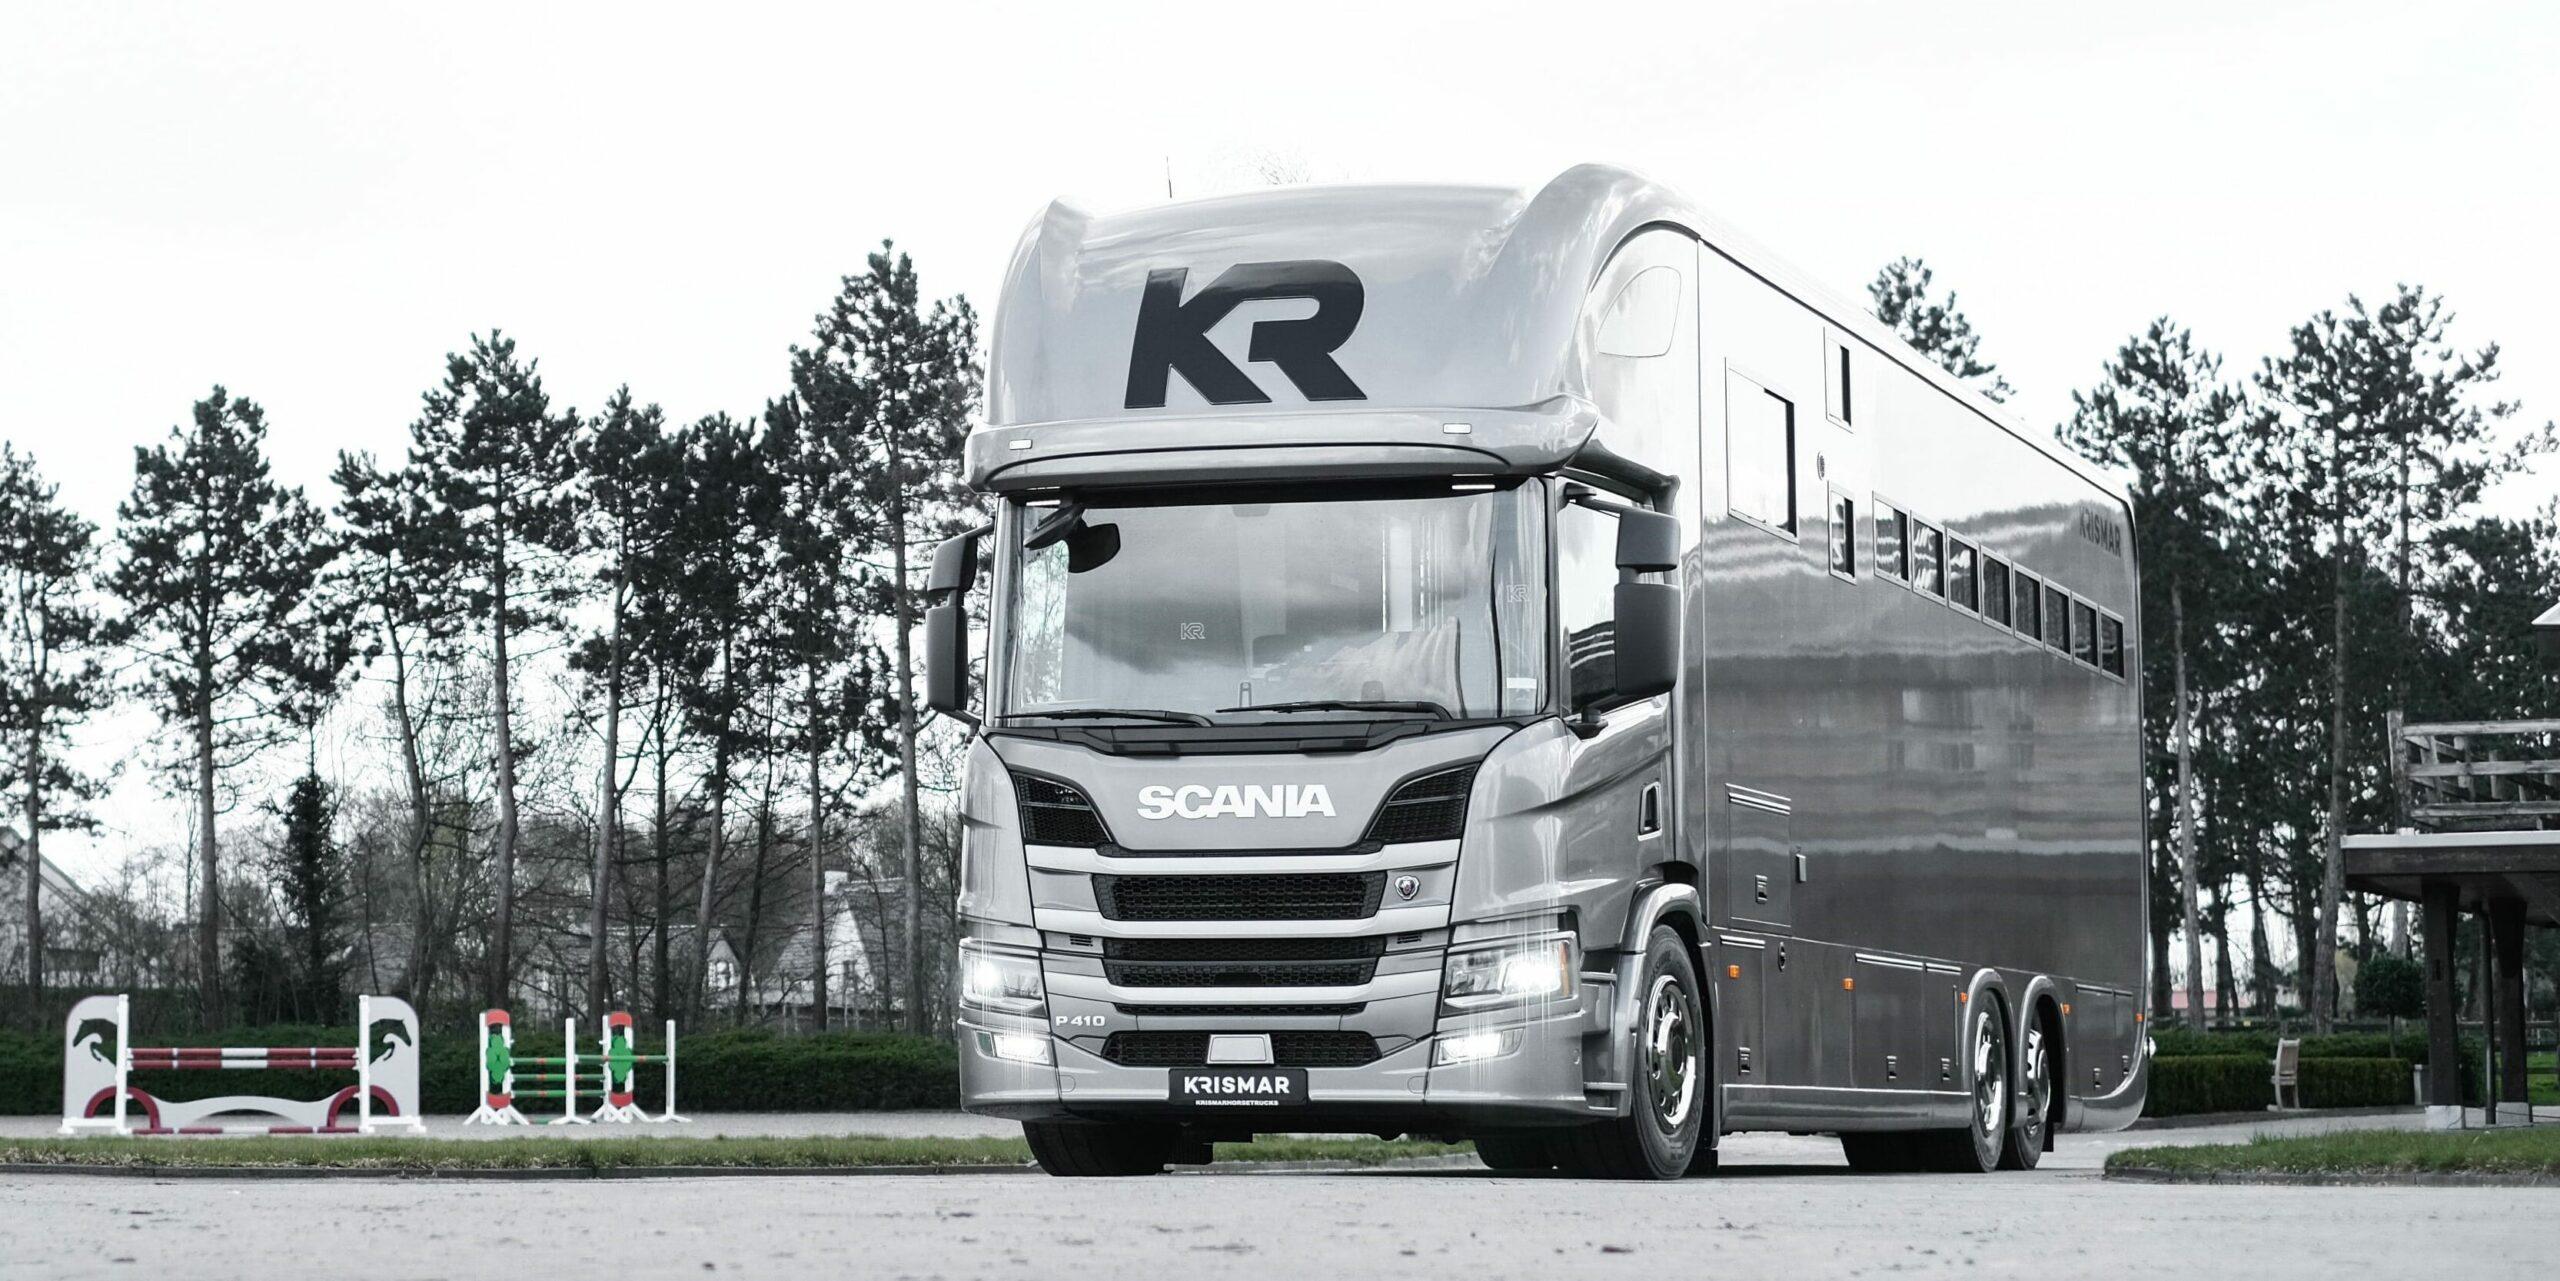 Krismar horsetruck professional paardenvrachtwagen in grijze kleur